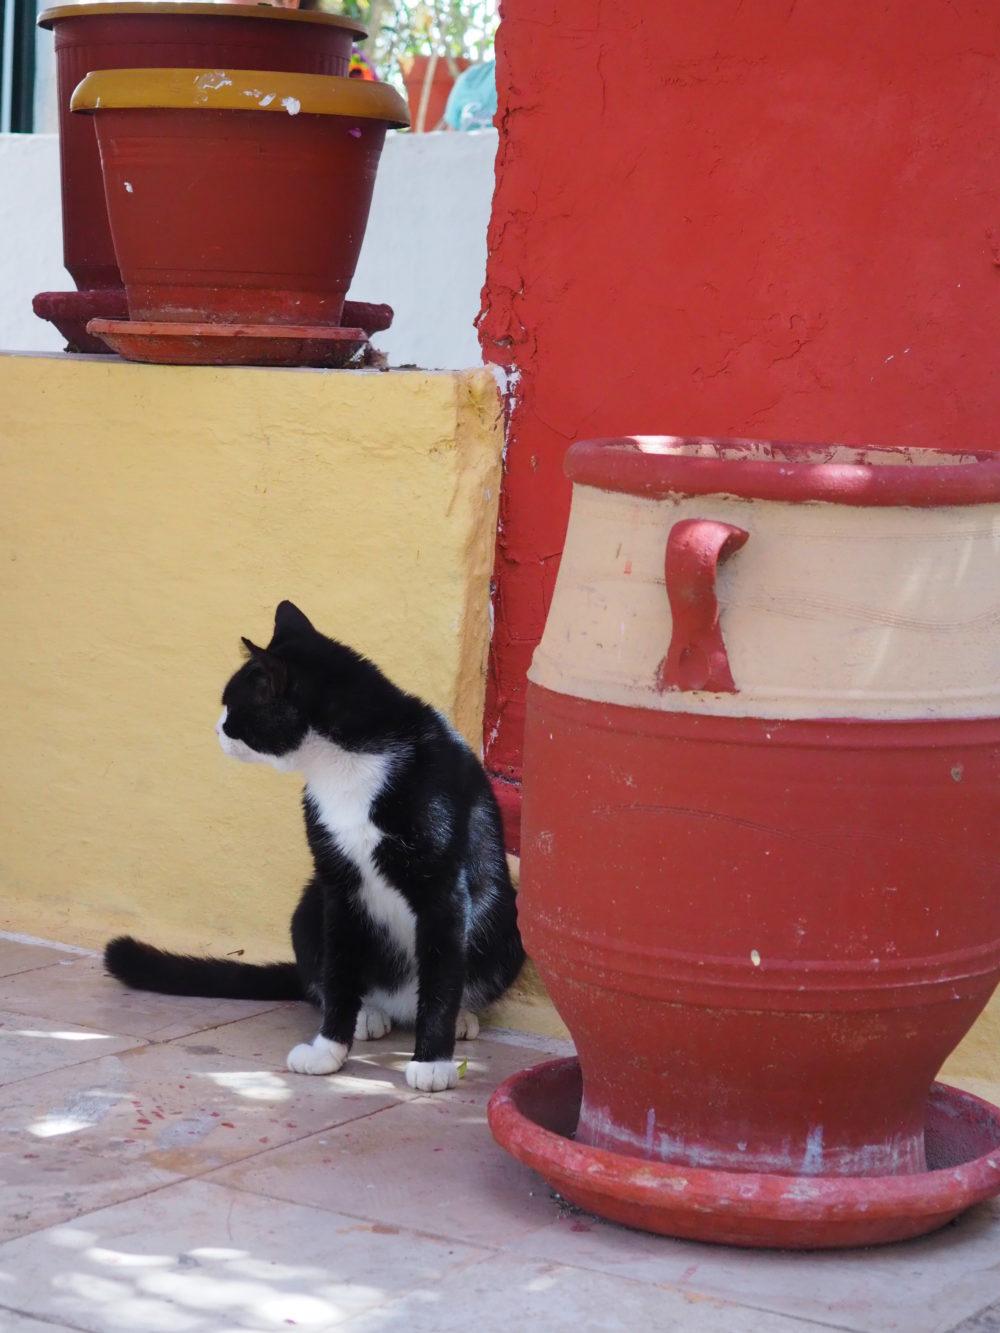 podróż z kotem, kot na wyspie - fot. Jagna Kudła - behawiorysta, weterynarz